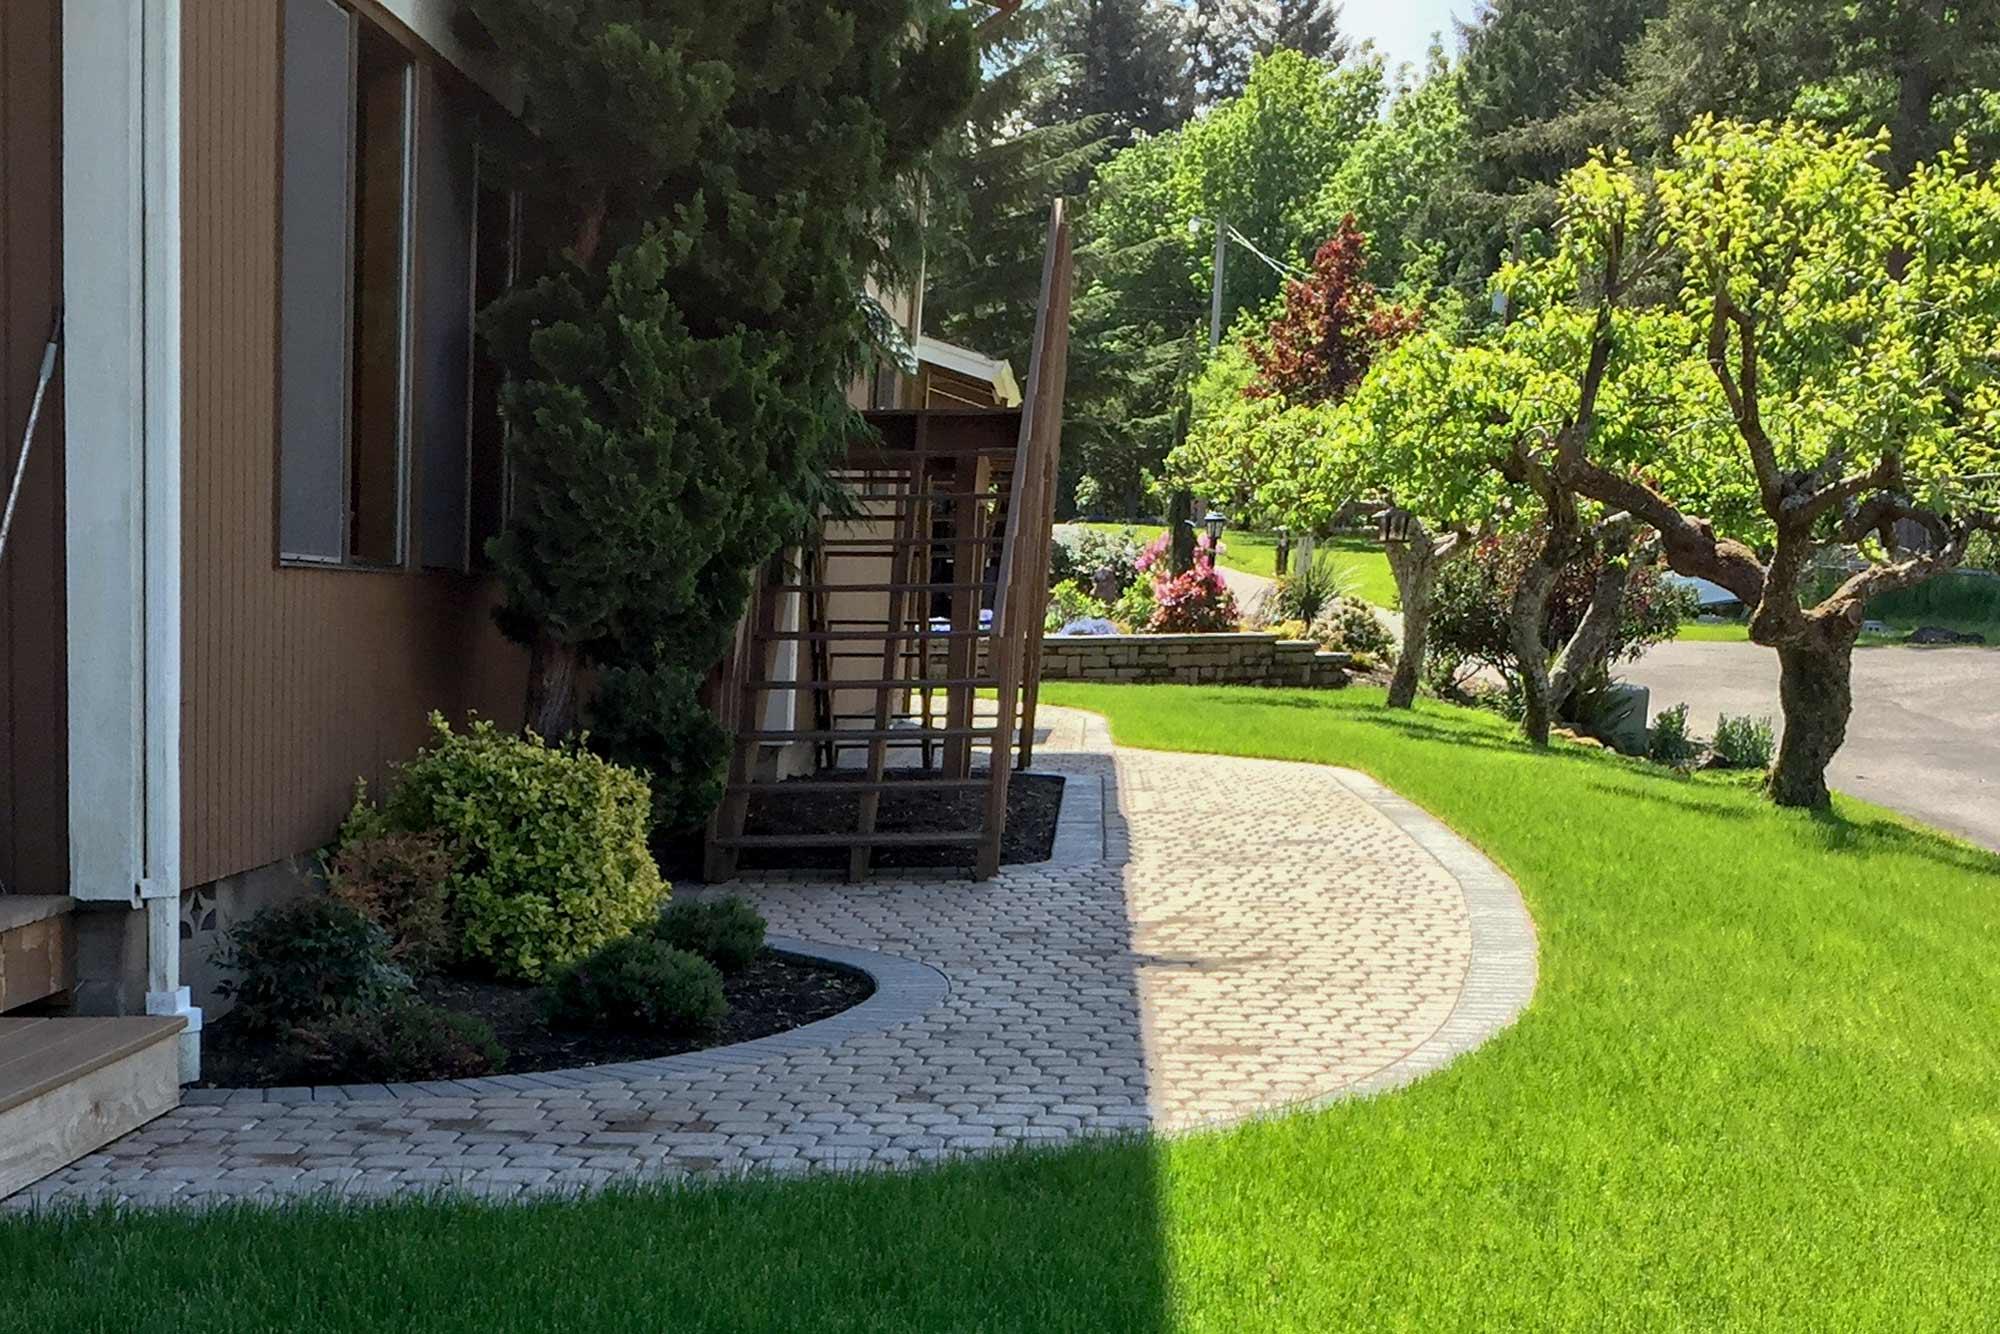 wrap-around paver patio